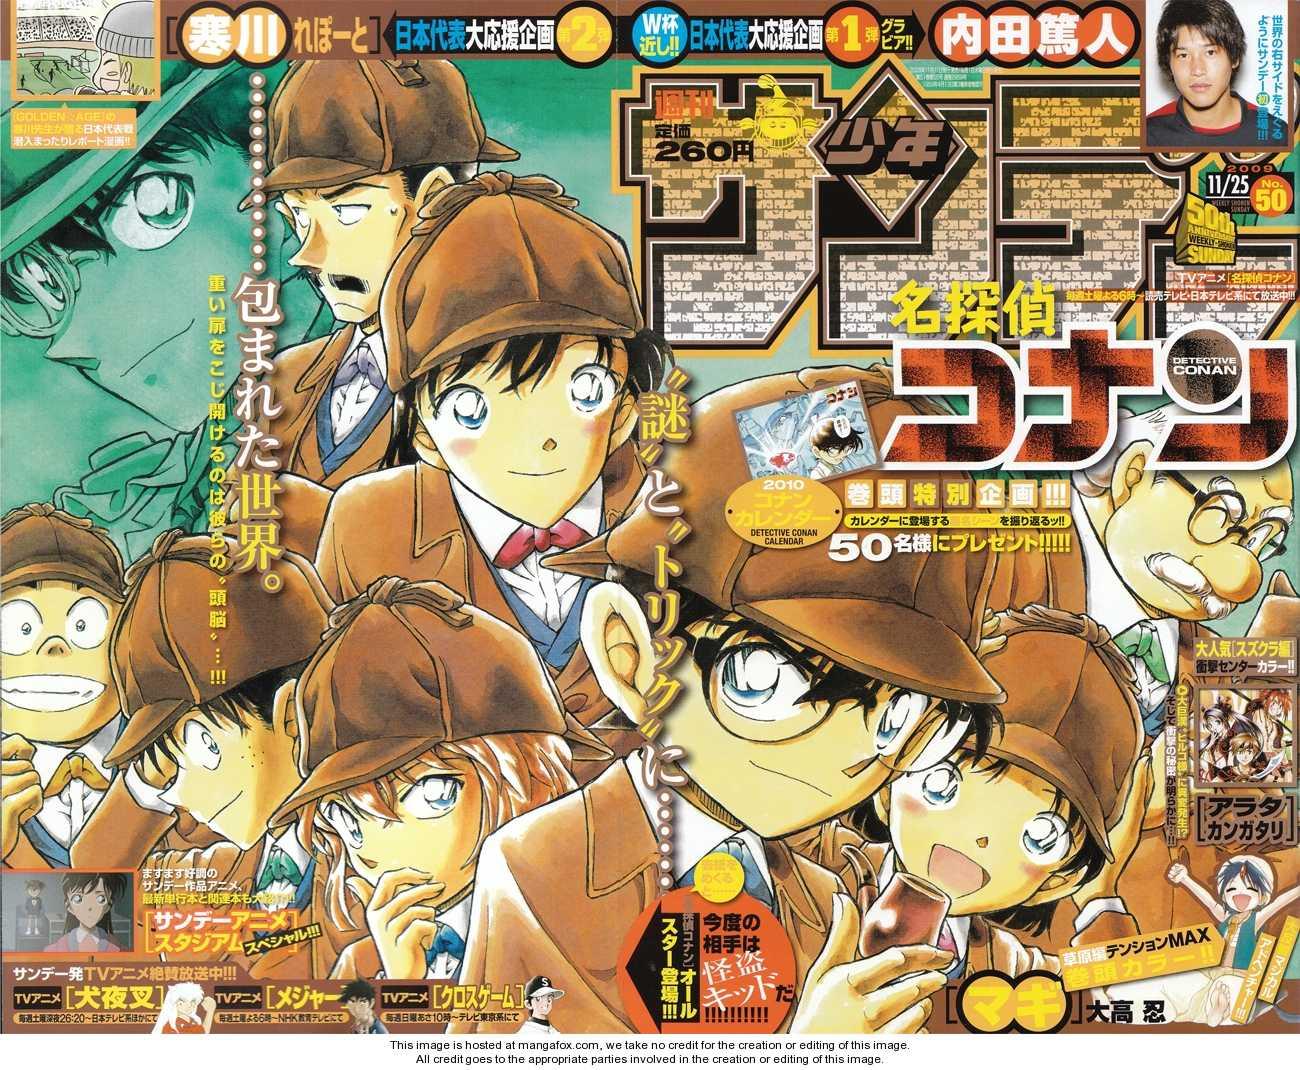 Detective Conan 713 Page 1